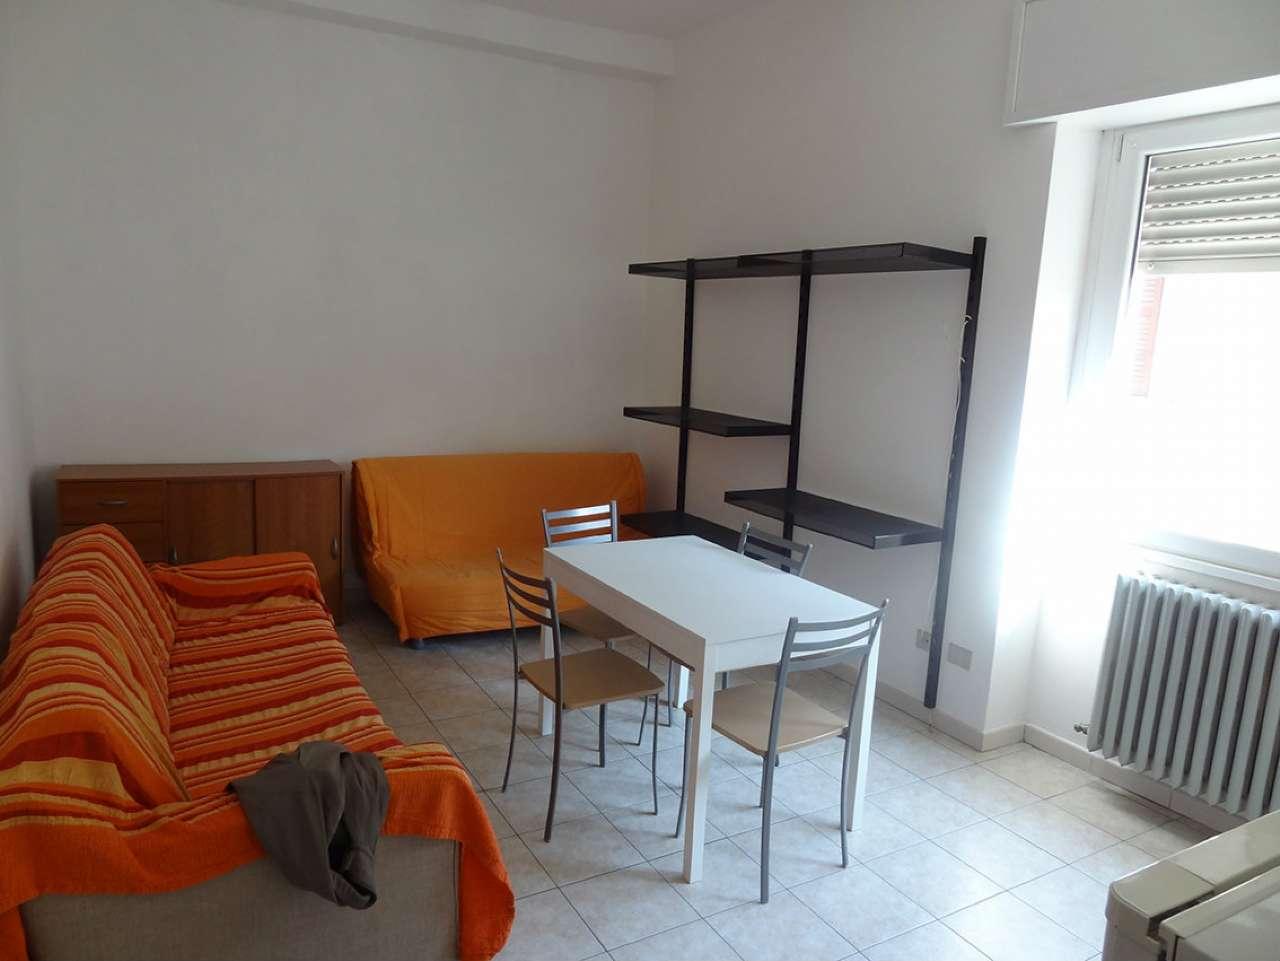 Appartamento in affitto a Besozzo, 2 locali, prezzo € 380 | CambioCasa.it